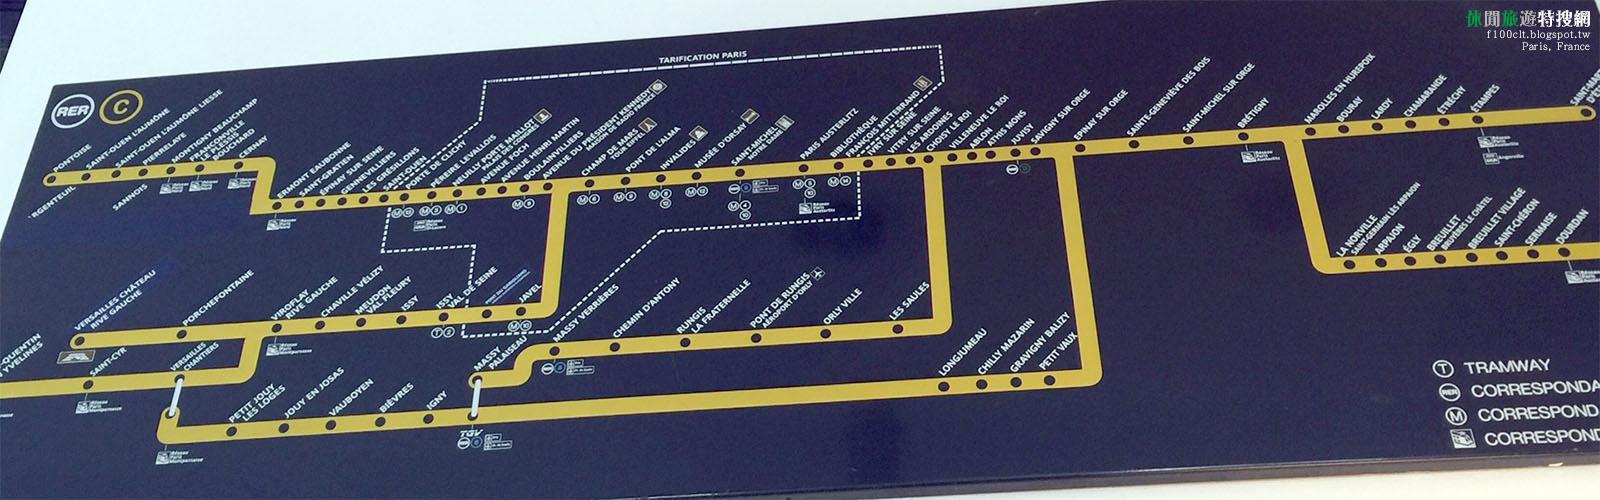 法國 凡爾賽宮 前往方式、購票方式以及花園內部交通方式